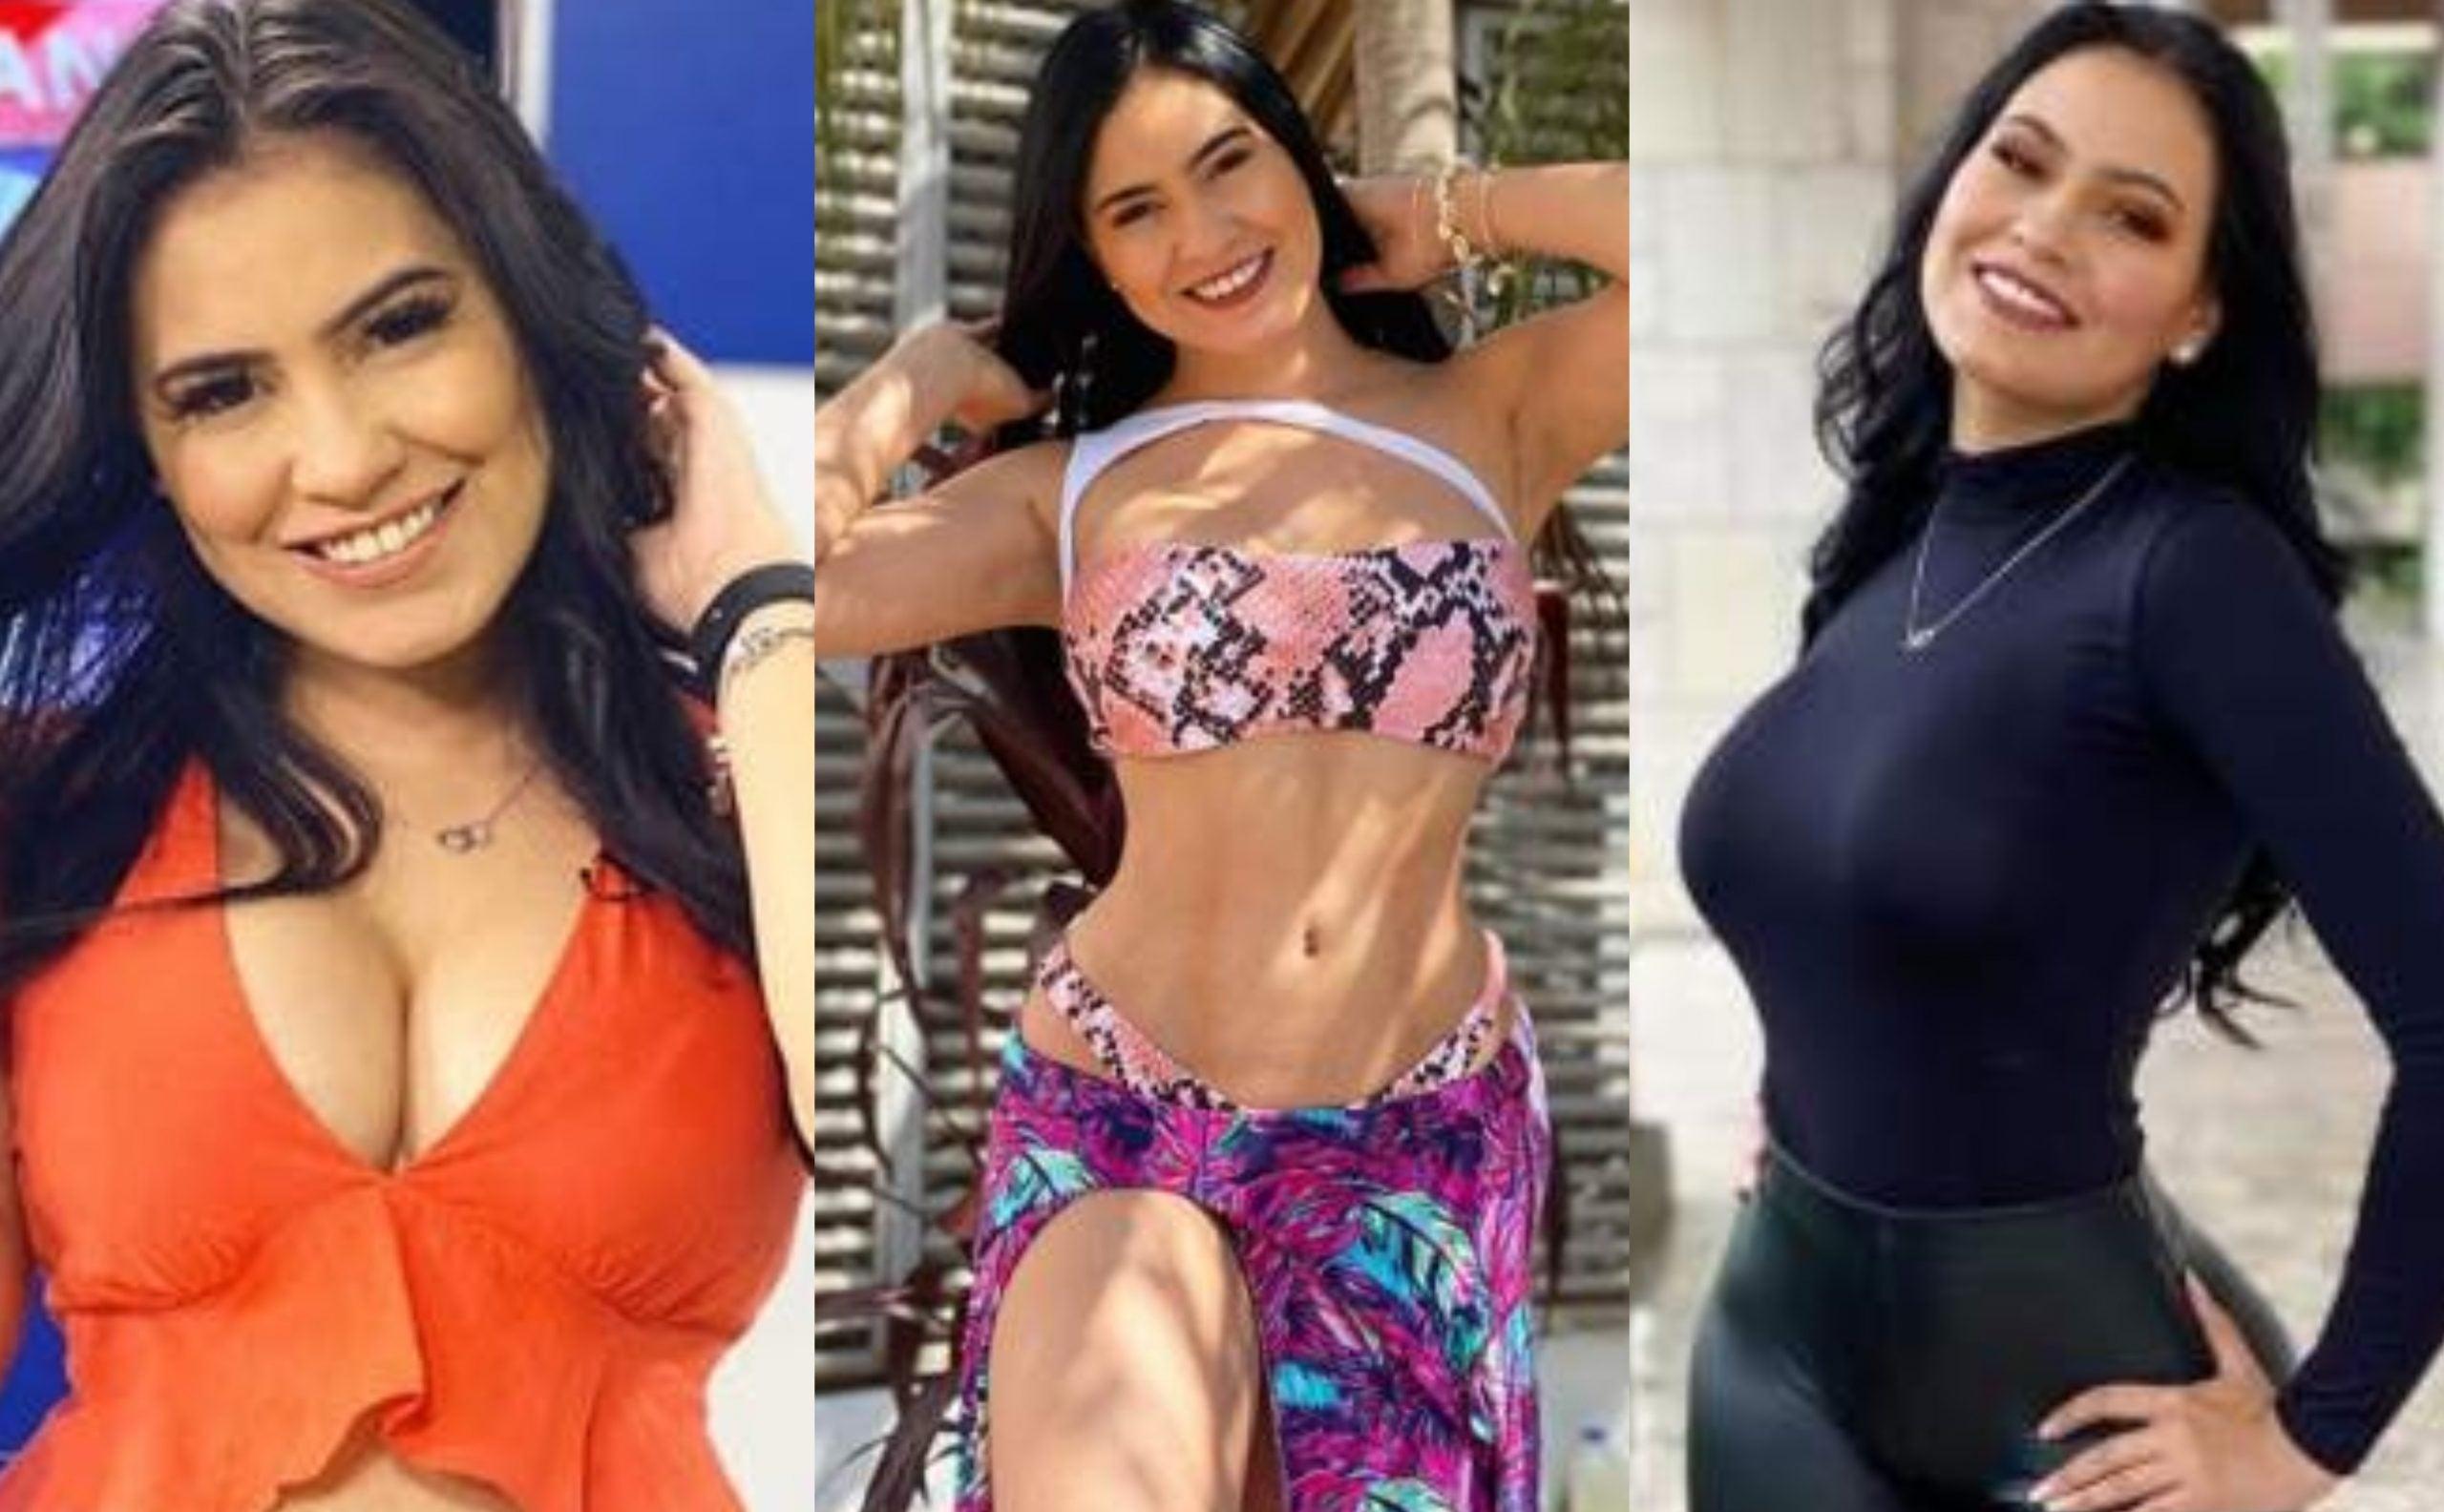 Alejandra Rubio sugar daddy